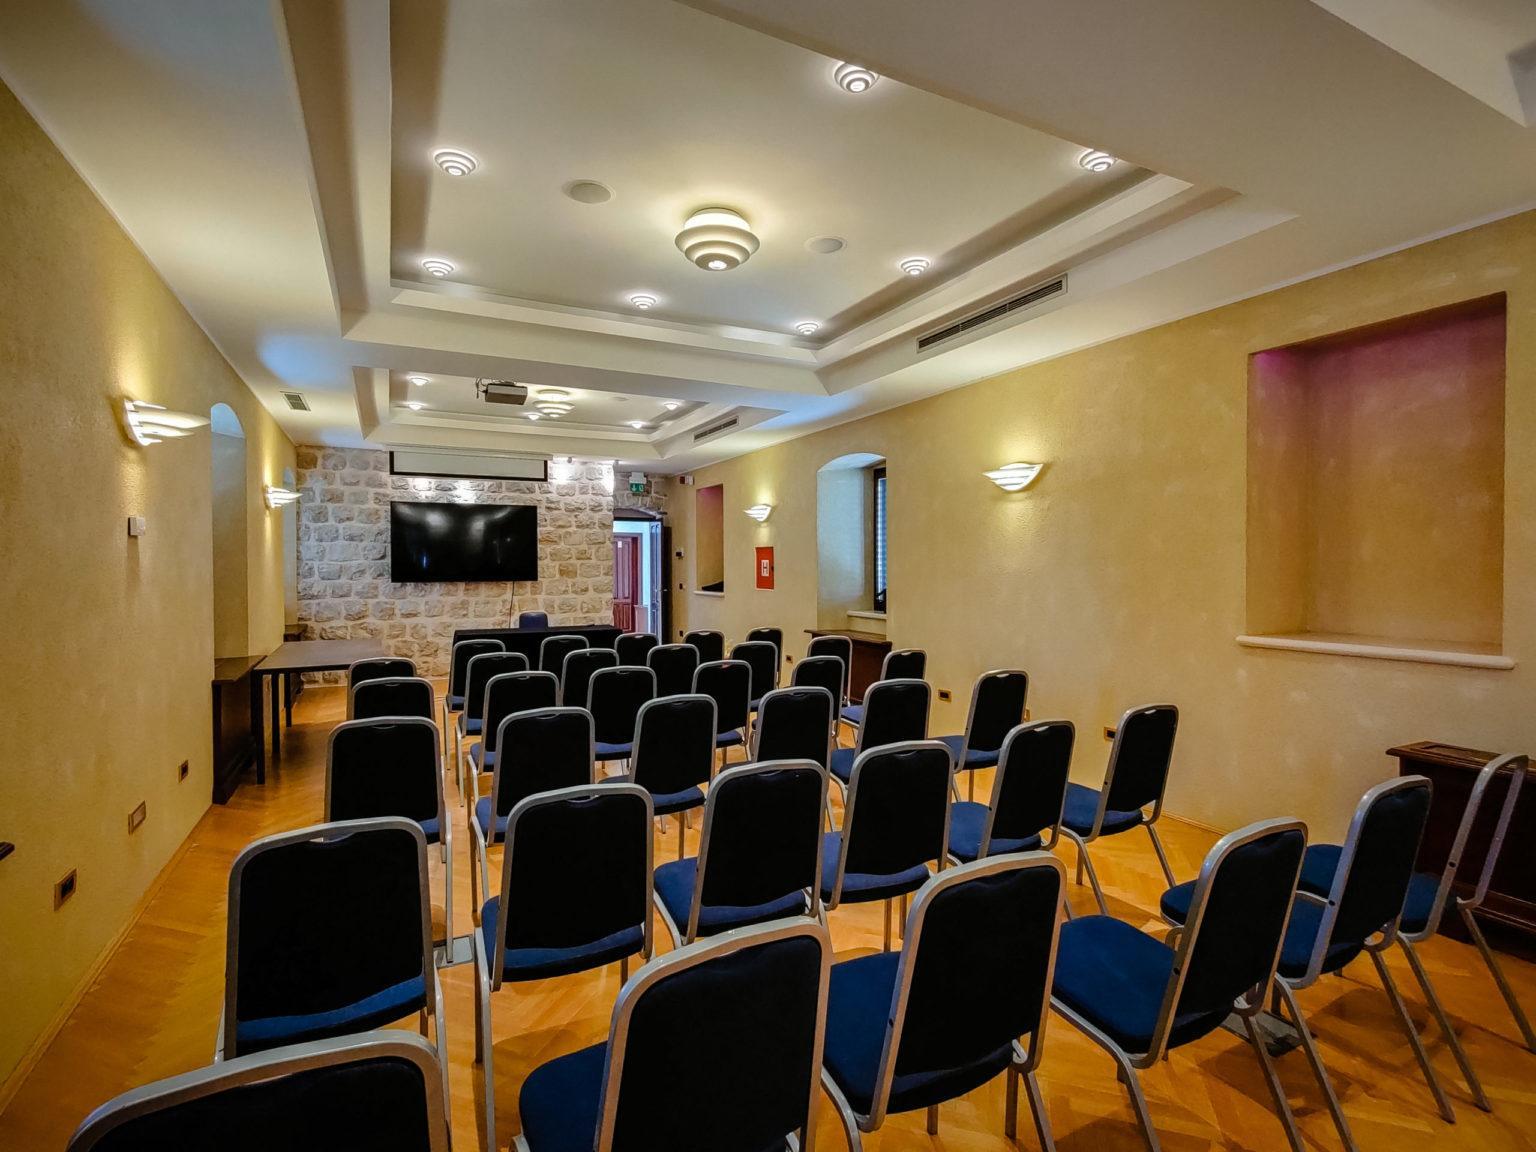 hochzeitslocation Kroatien location hochzeit heiraten 13 1 scaled - Verträumtes Hotel